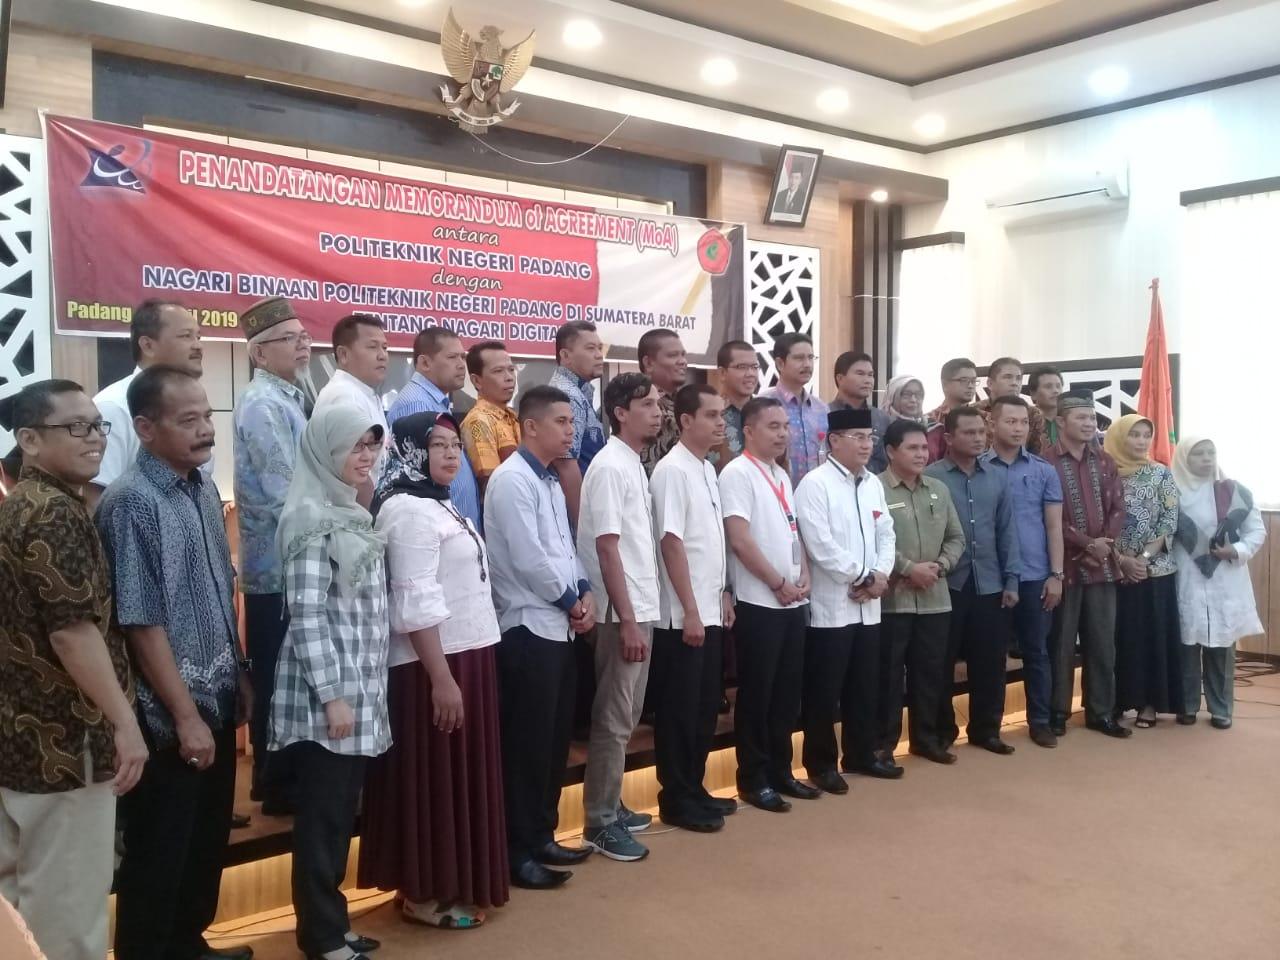 Delapan Nagari Dapat Dukungan Politeknik Negeri Padang